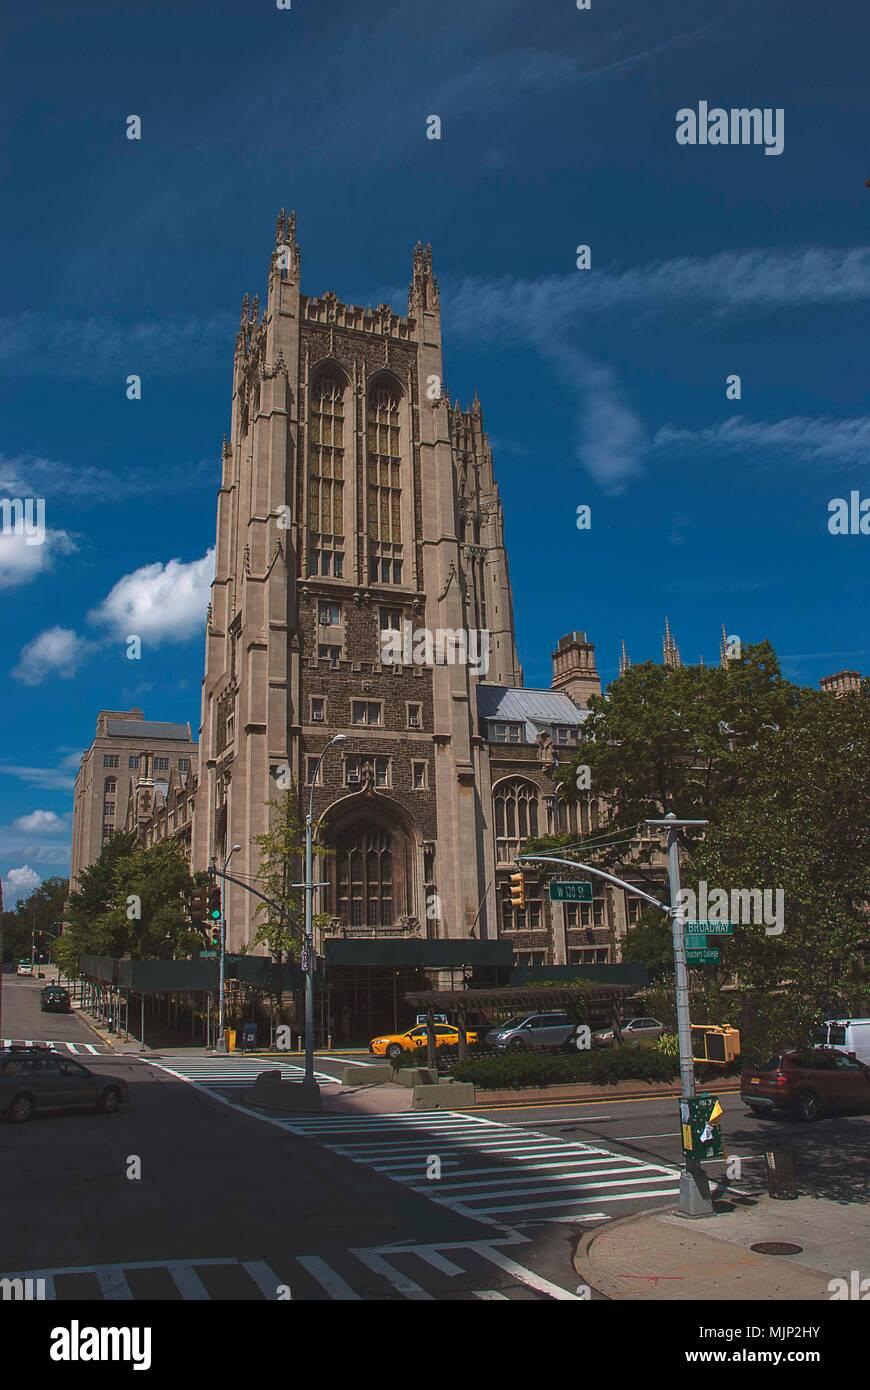 Riverside Church, Morningside, New York - Stock Image